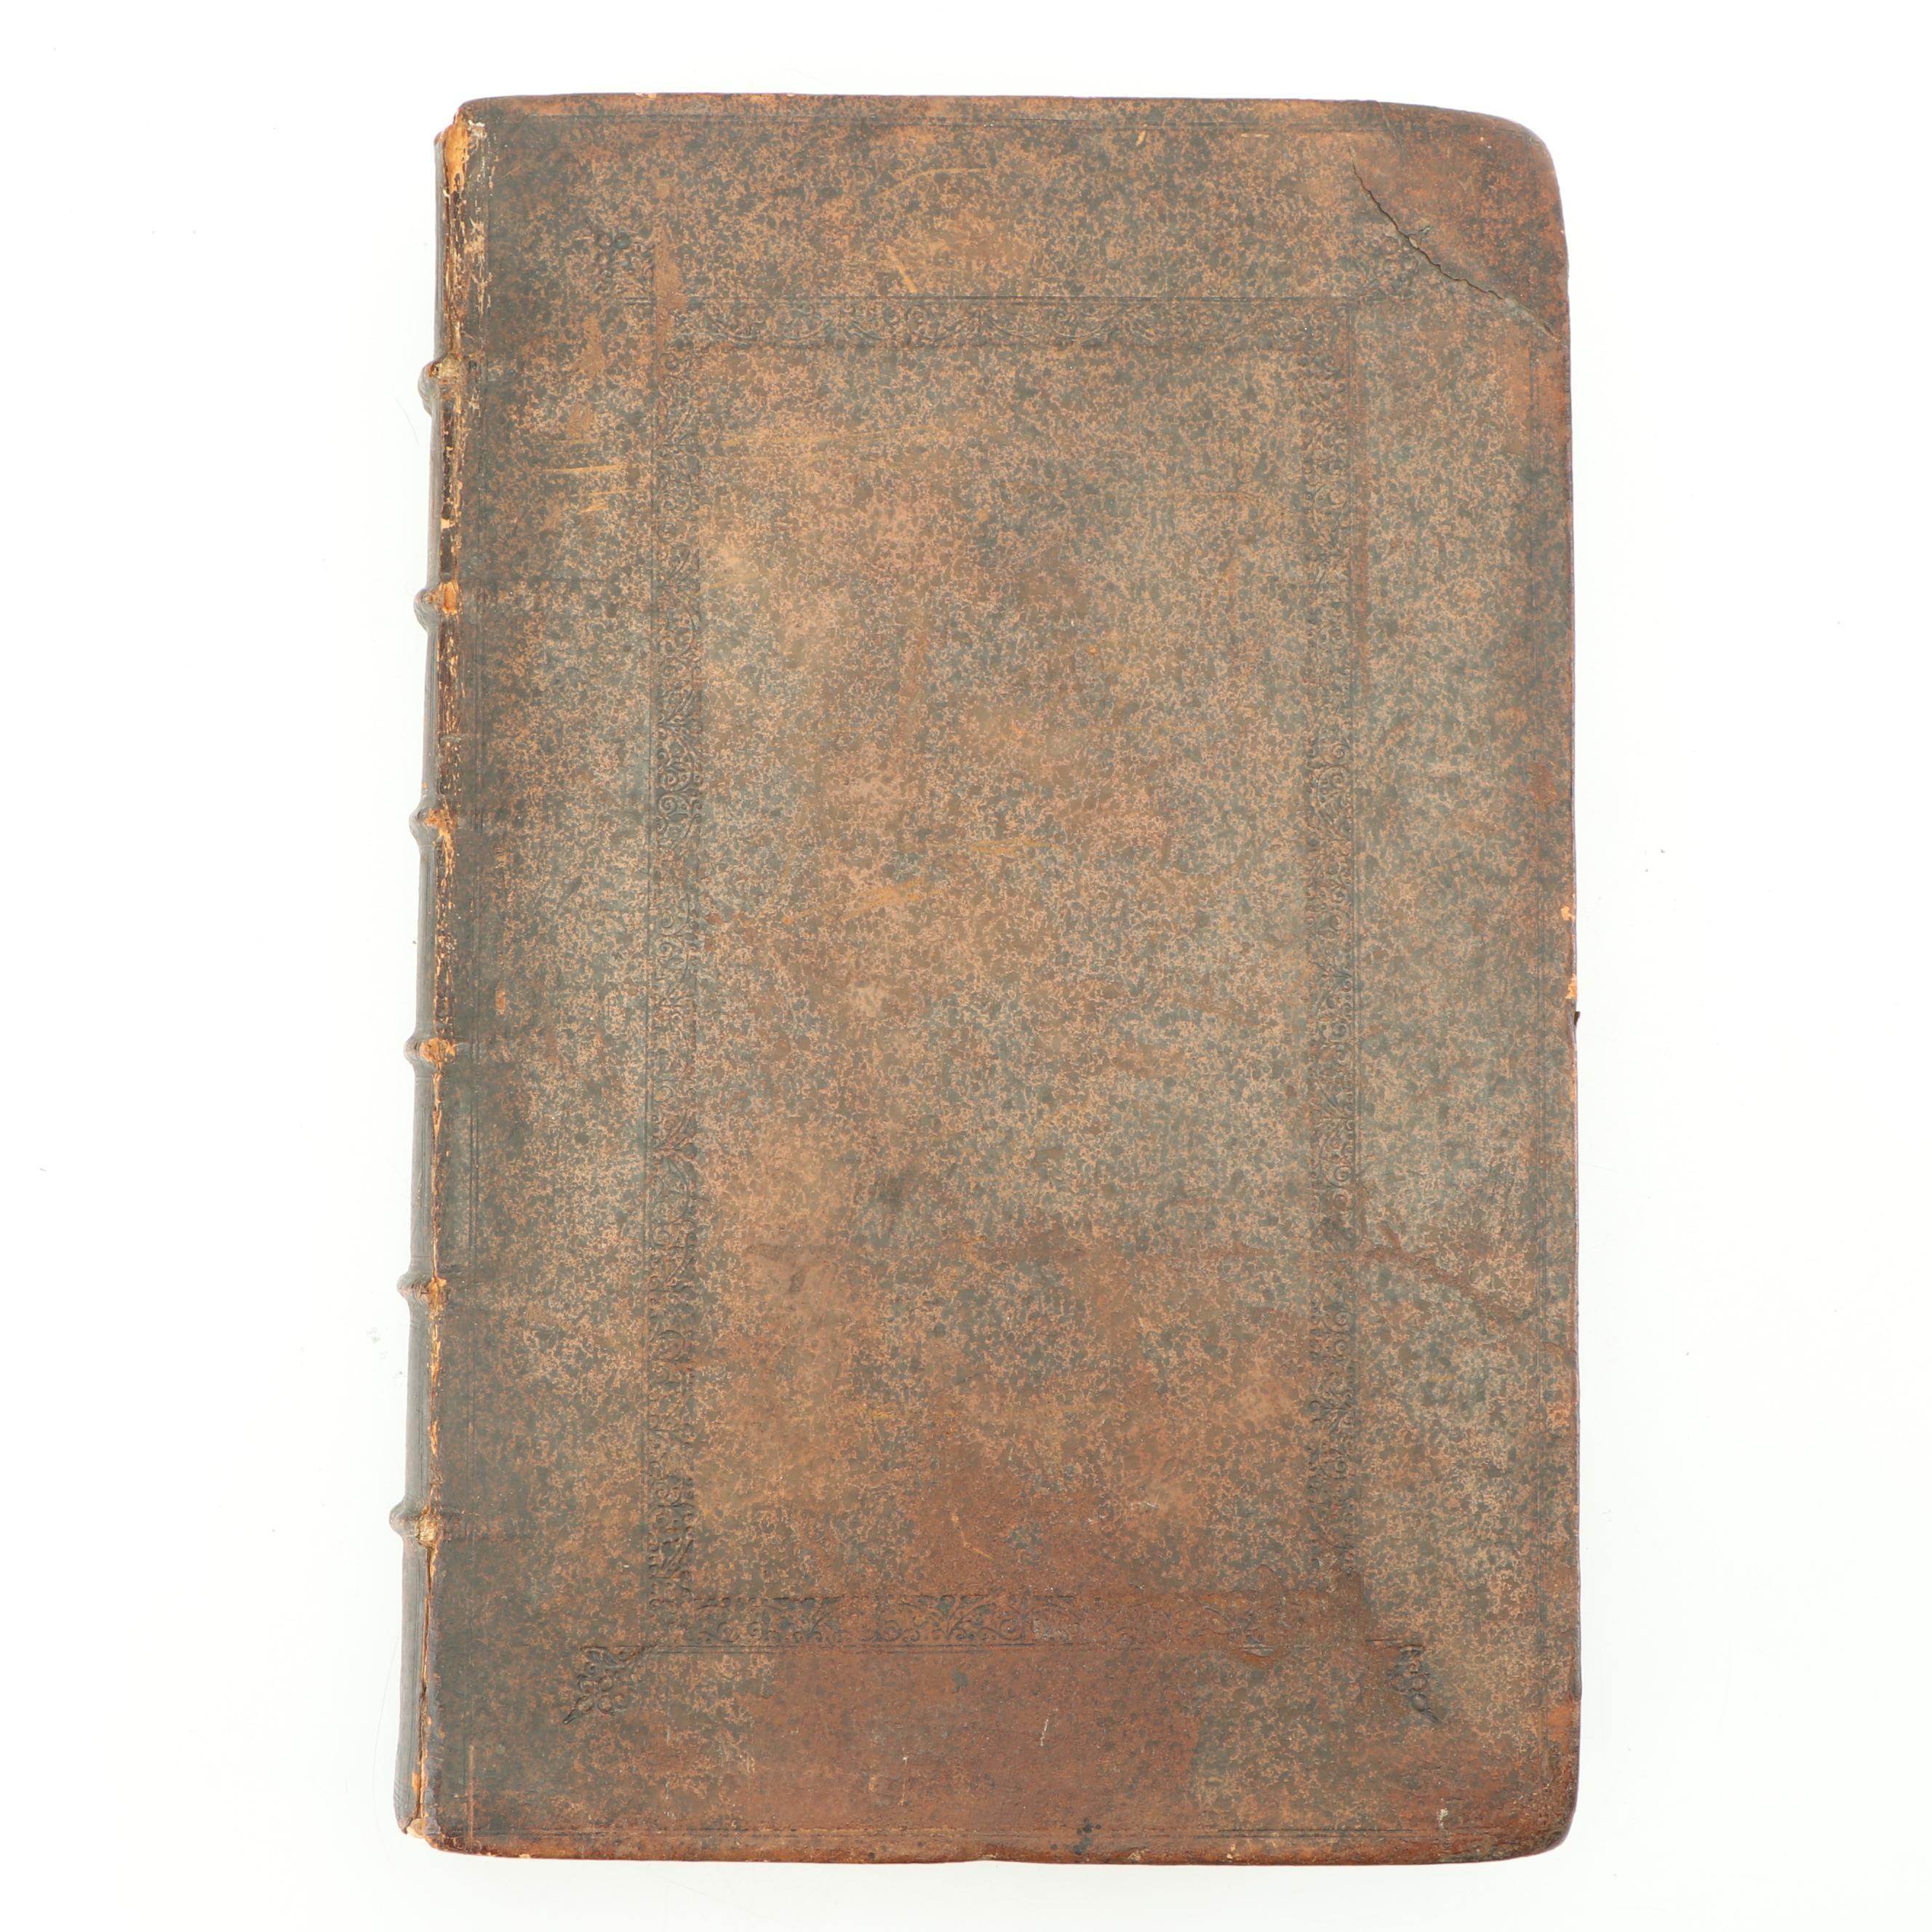 """1682 Greek and Latin """"Works of Epiphanius of Salamis"""" Volume II"""